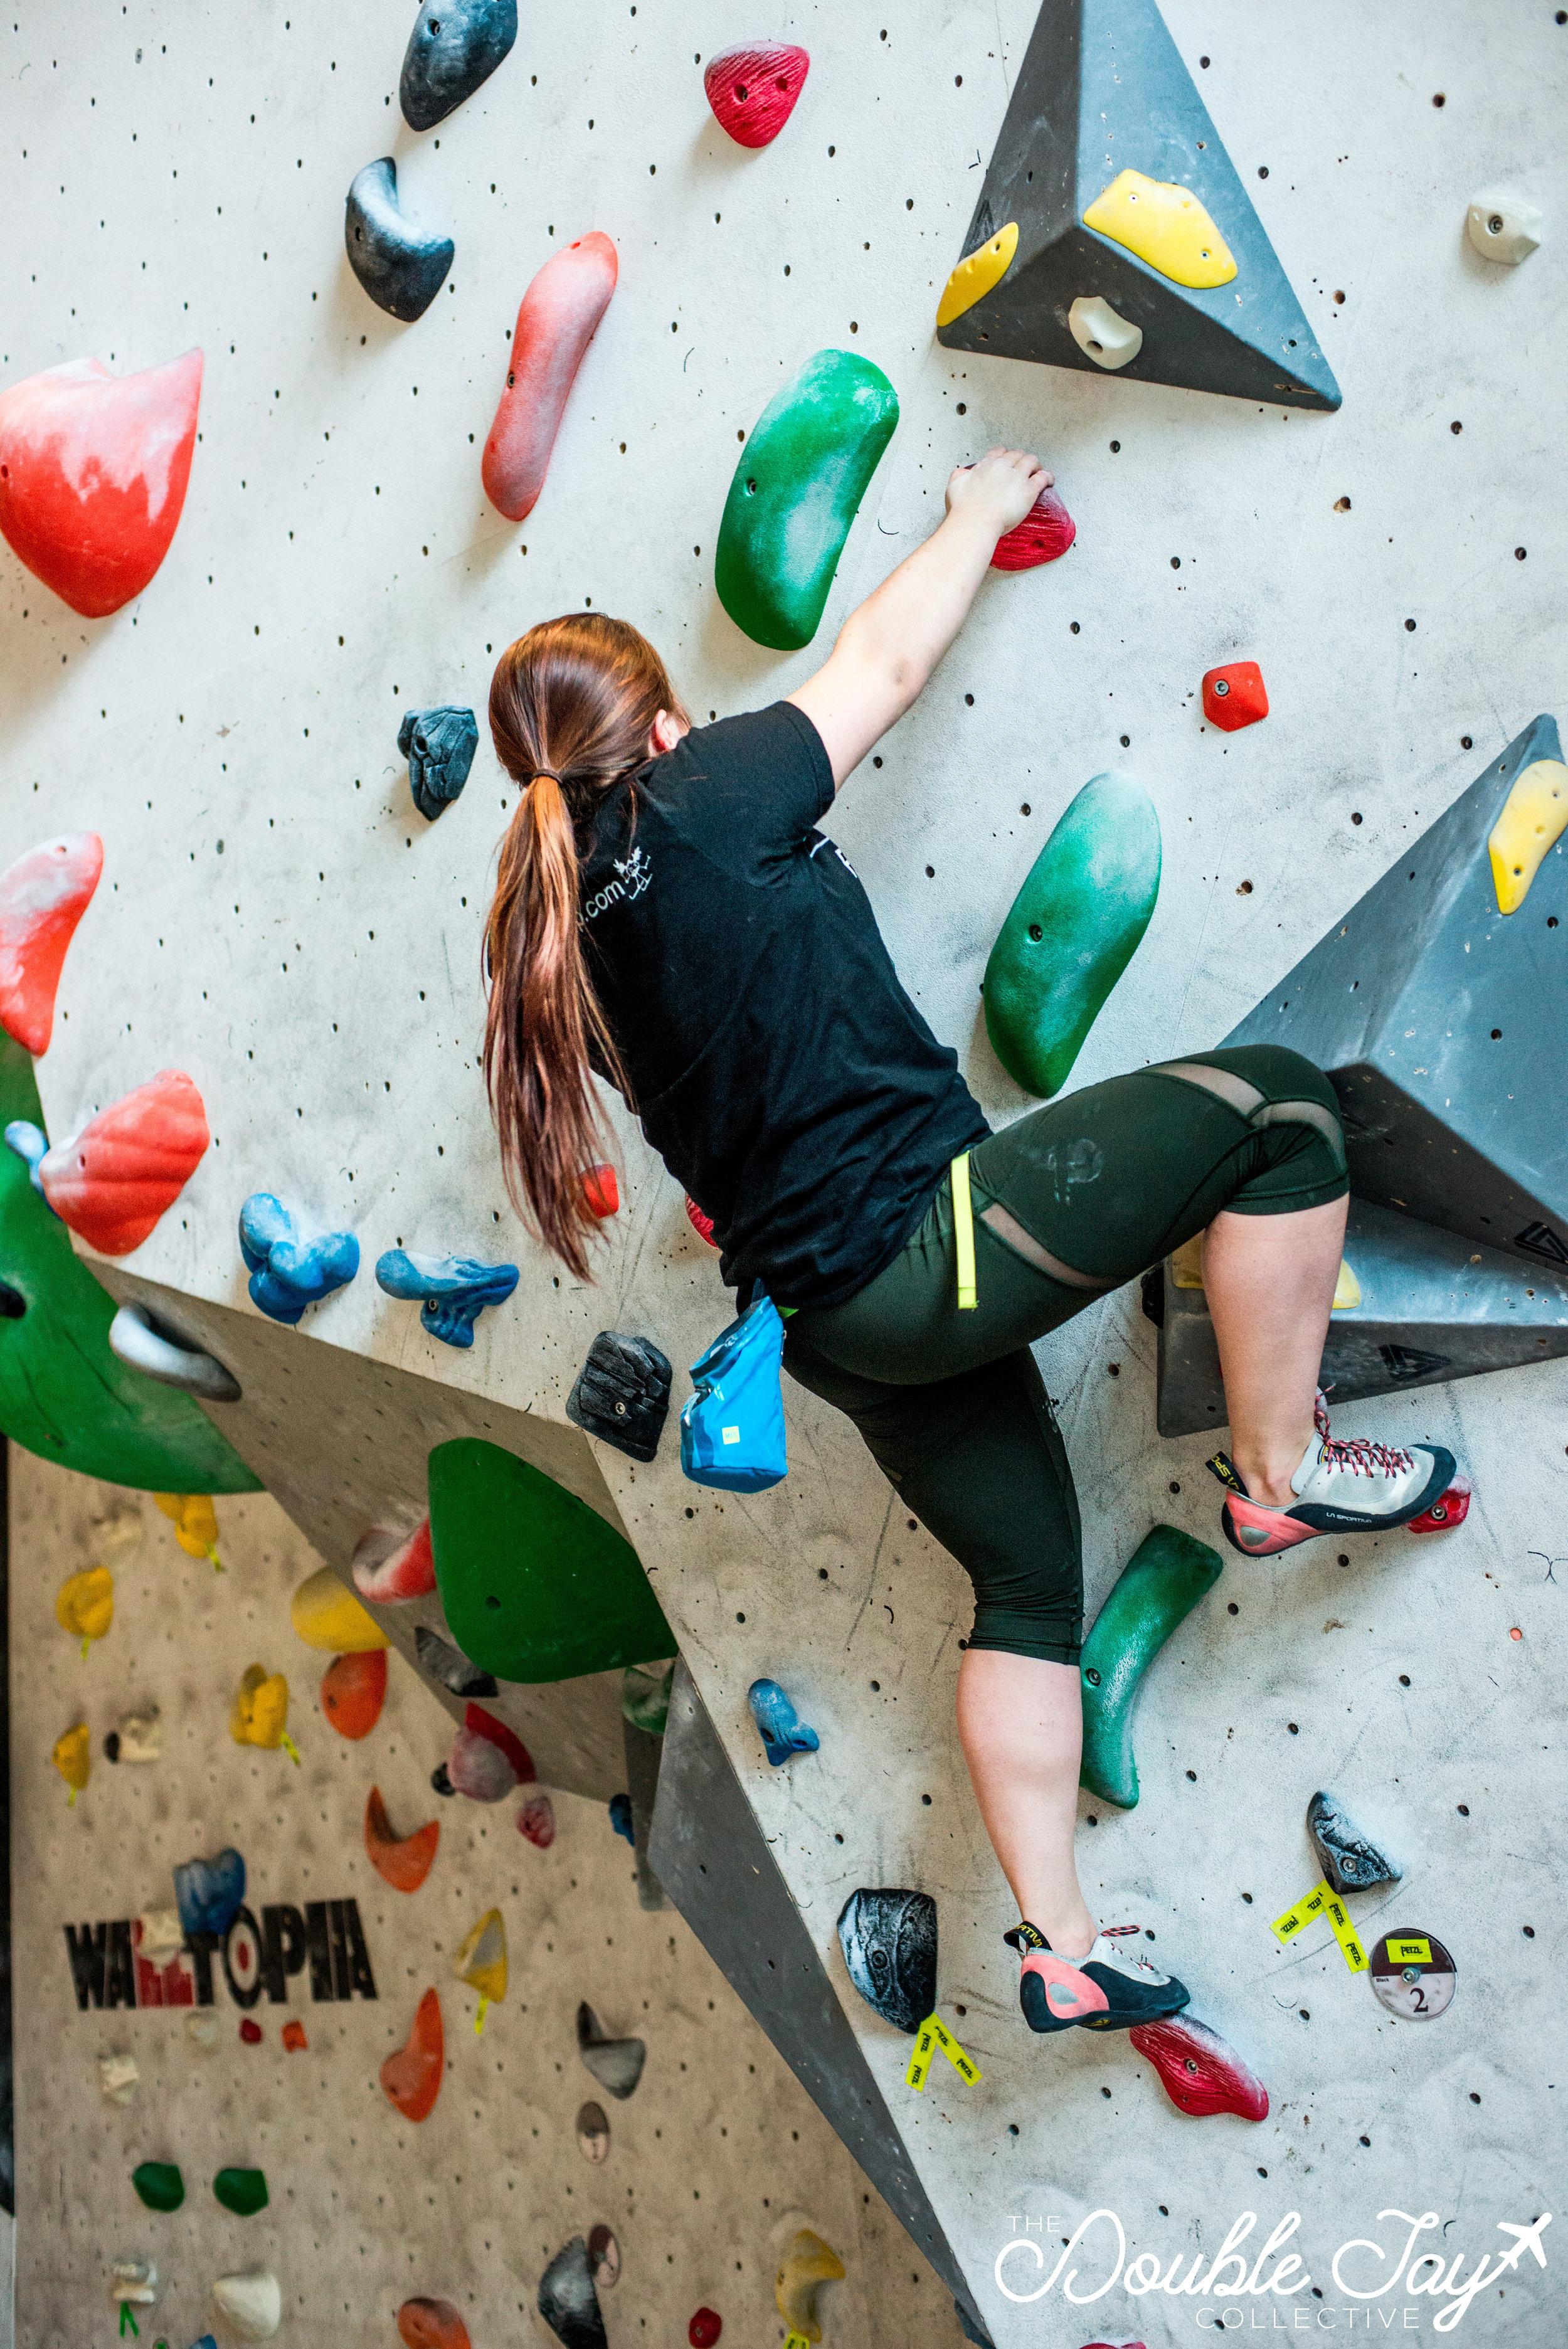 Climbing - Jenny Jay_.jpg